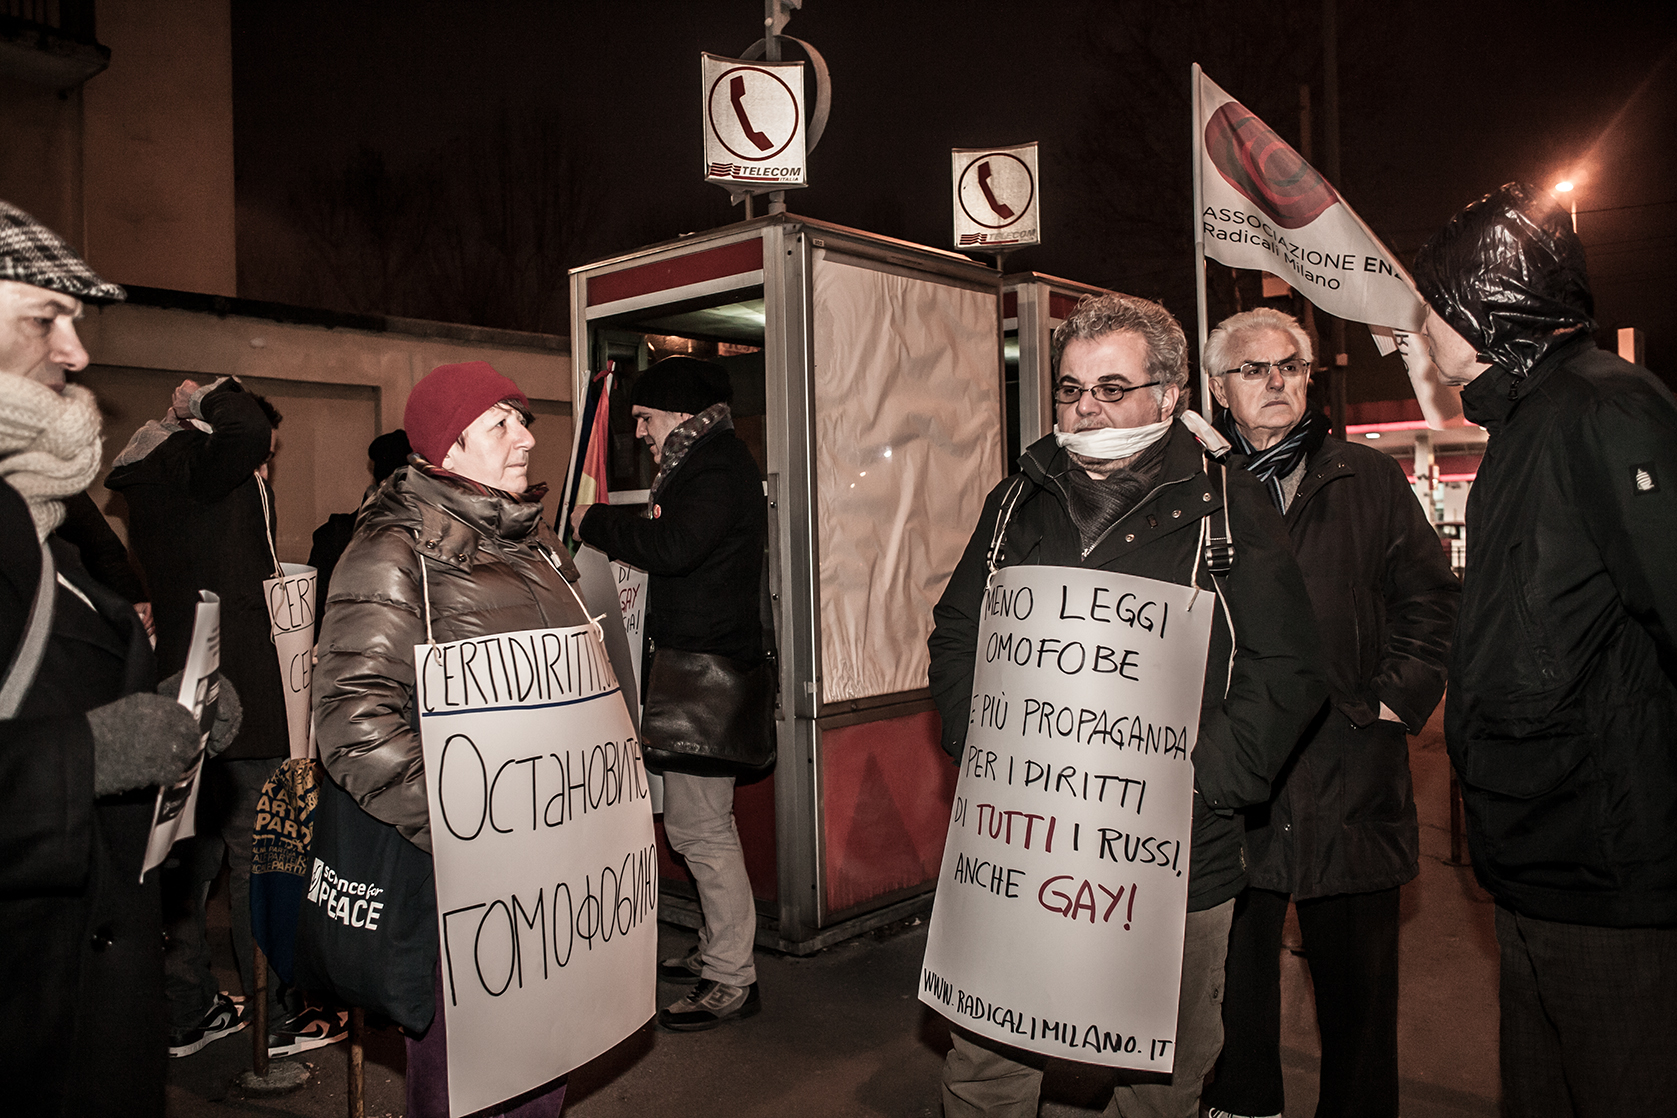 Milano, 1° febbraio 2013. Il bavaglio come simbolo dei diritti negati ai gay in Russia è stato indossato dai partecipanti al sit in, a Milano, nei pressi del Consolato russo. Il sit in è stato indetto dalle associazioni che difendono i diritti degli omosessuali